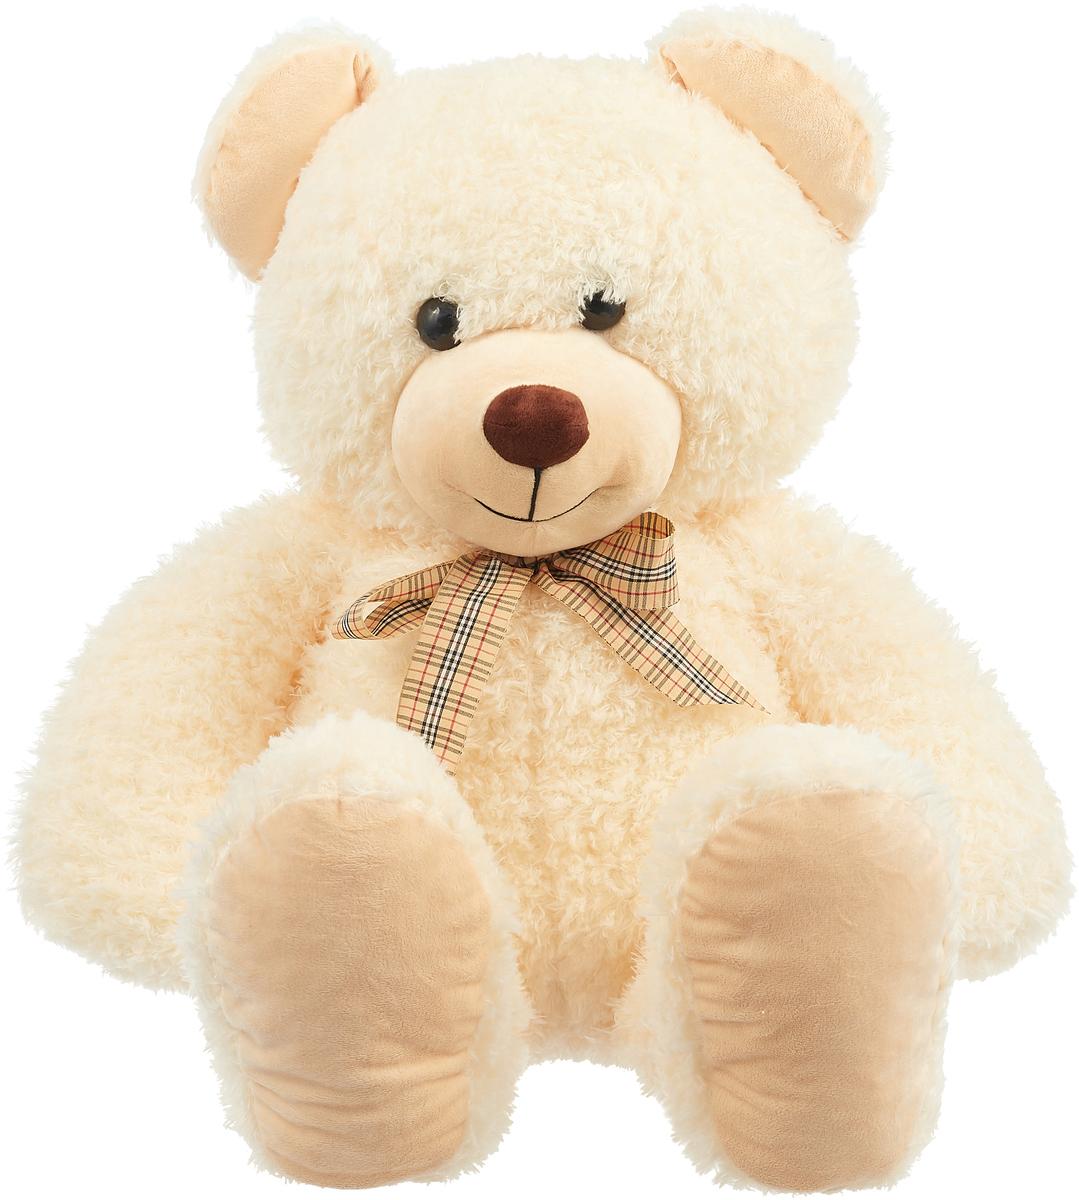 СмолТойс Мягкая игрушка Медведь цвет бежевый с бантиком 103 см смолтойс мягкая игрушка медвежонок монти 100 см